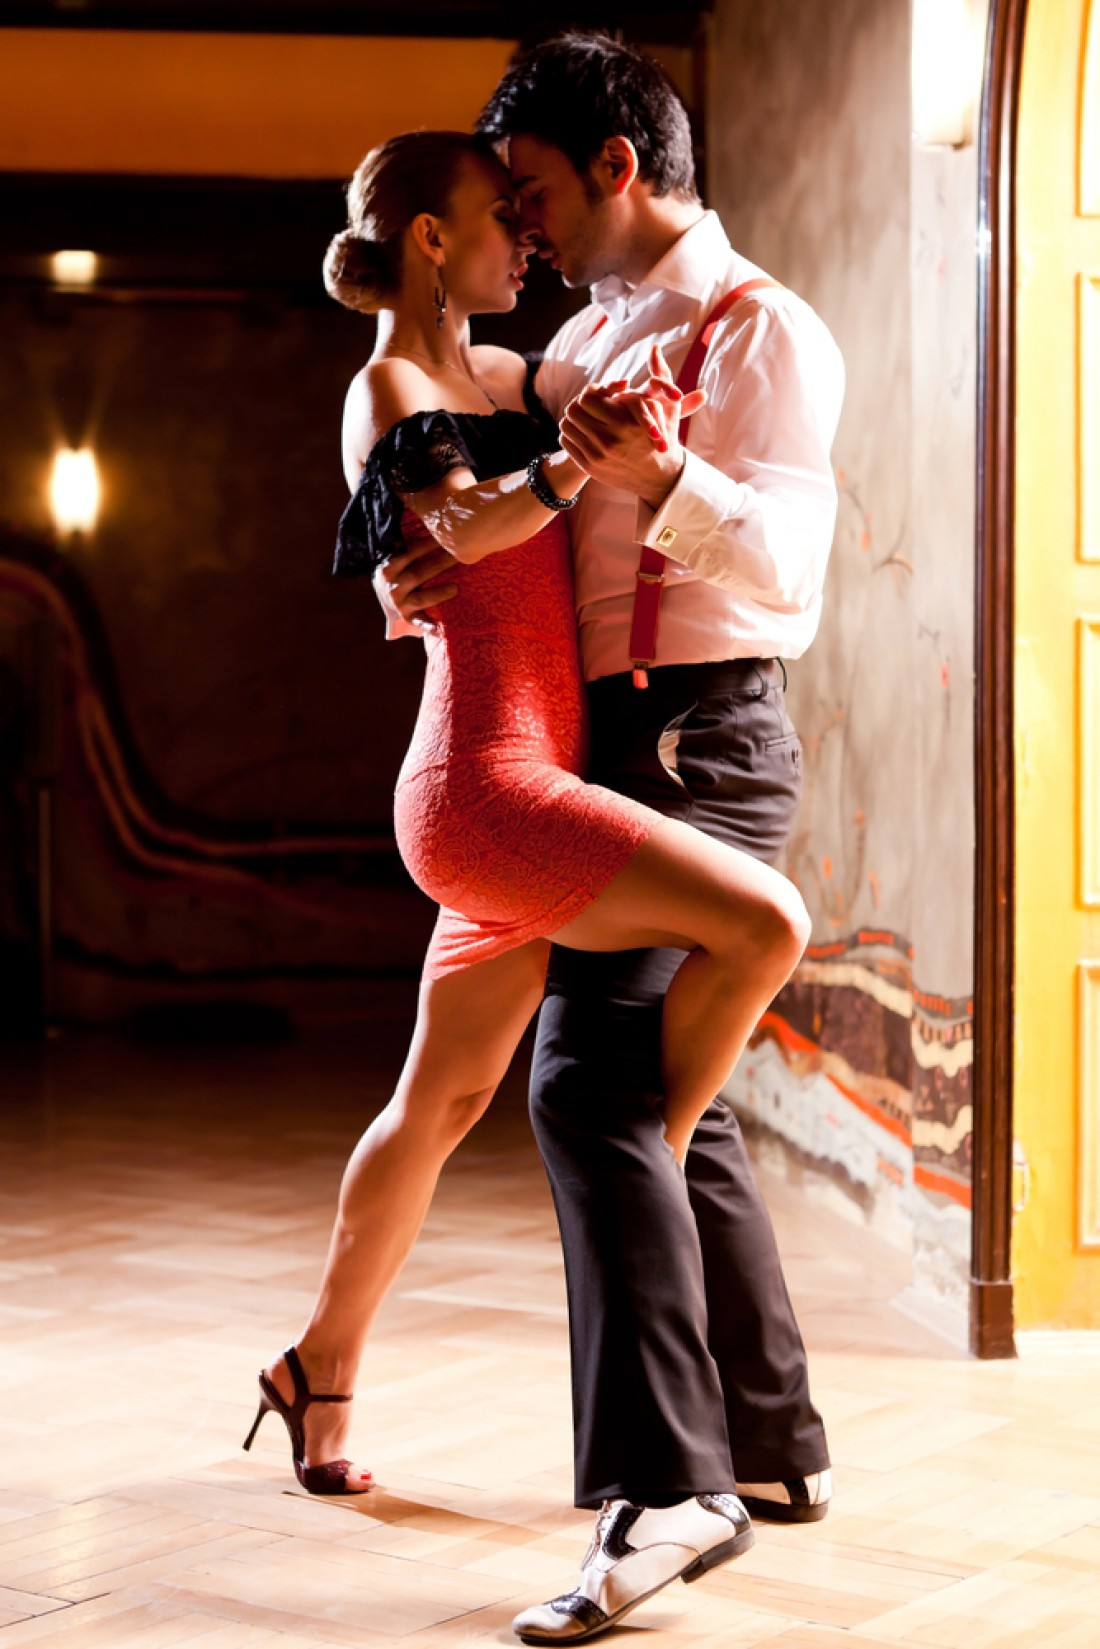 Сценарий на День святого Валентина: страстное танго